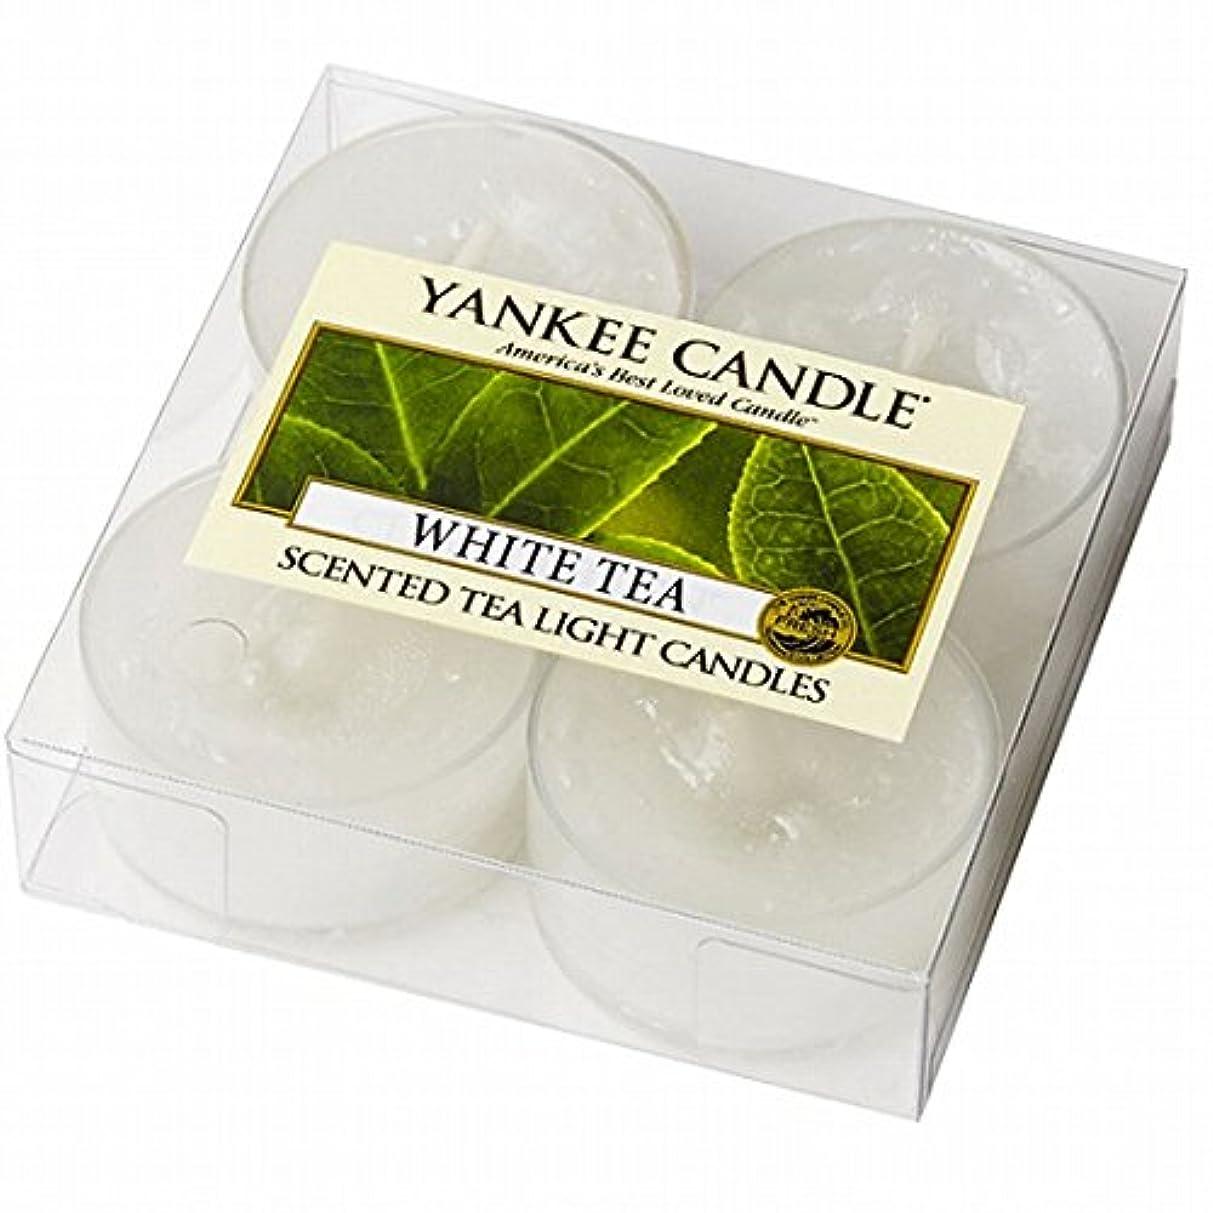 クーポン連隊過半数ヤンキーキャンドル(YANKEE CANDLE) YANKEE CANDLE クリアカップティーライト4個入り 「ホワイトティー」